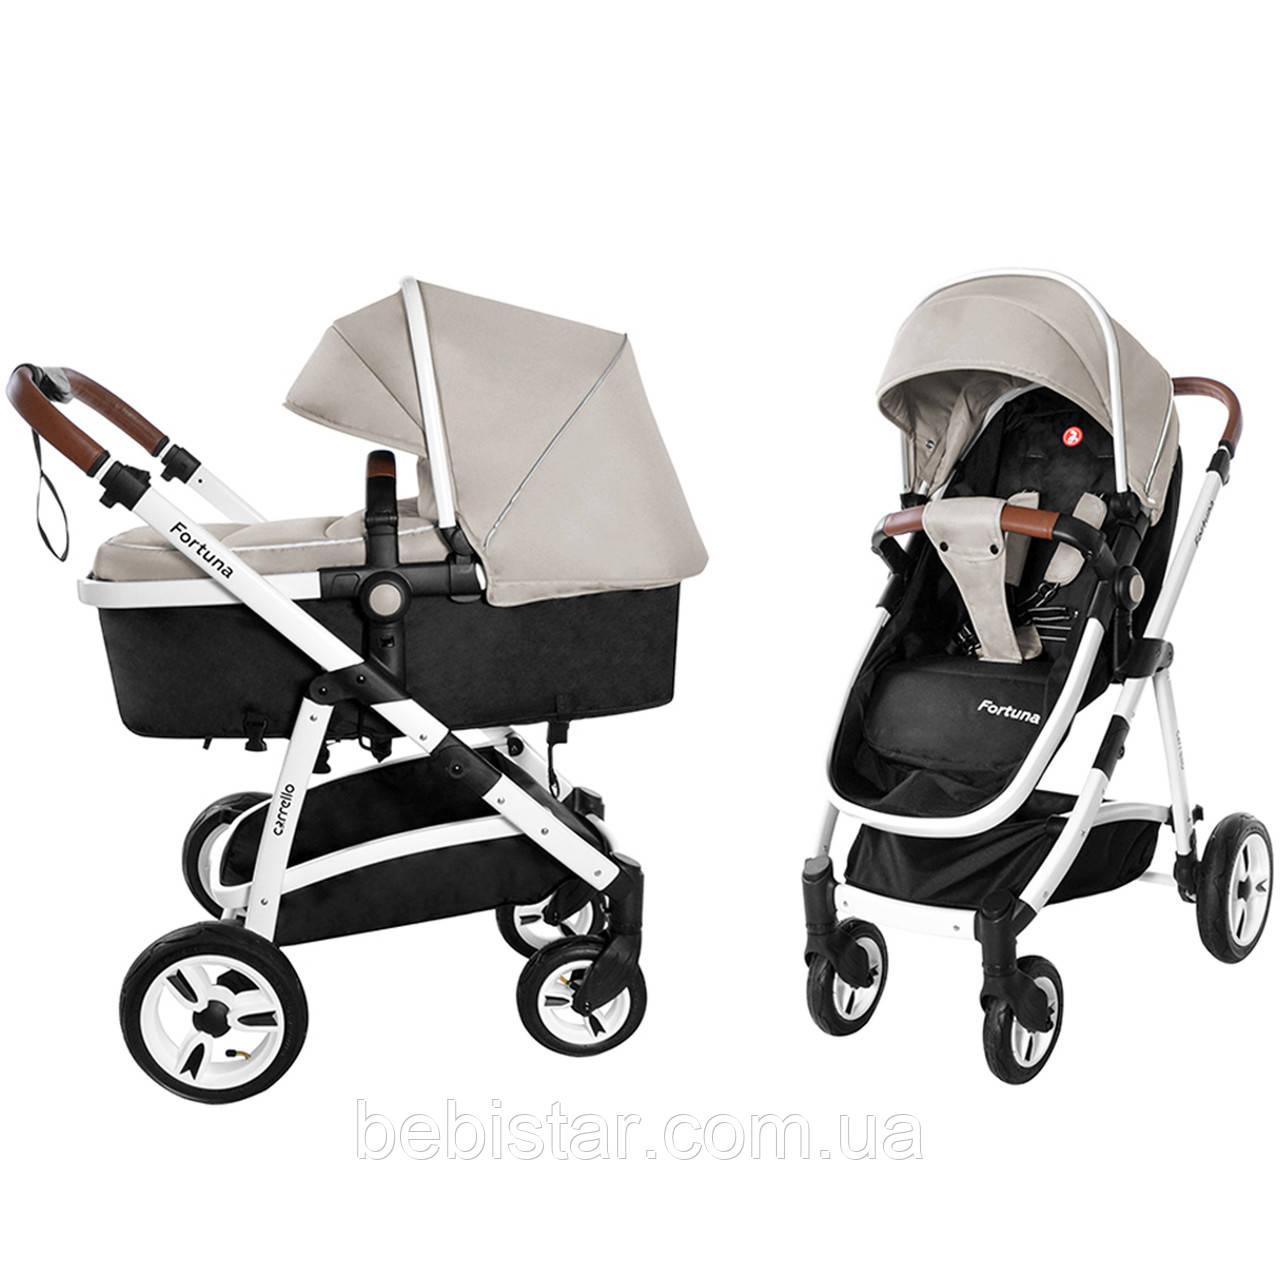 Универсальная коляска-трансформер 2в1 с дождевиком Carrello Fortuna 9001/1 деткам от рождения до 3 лет